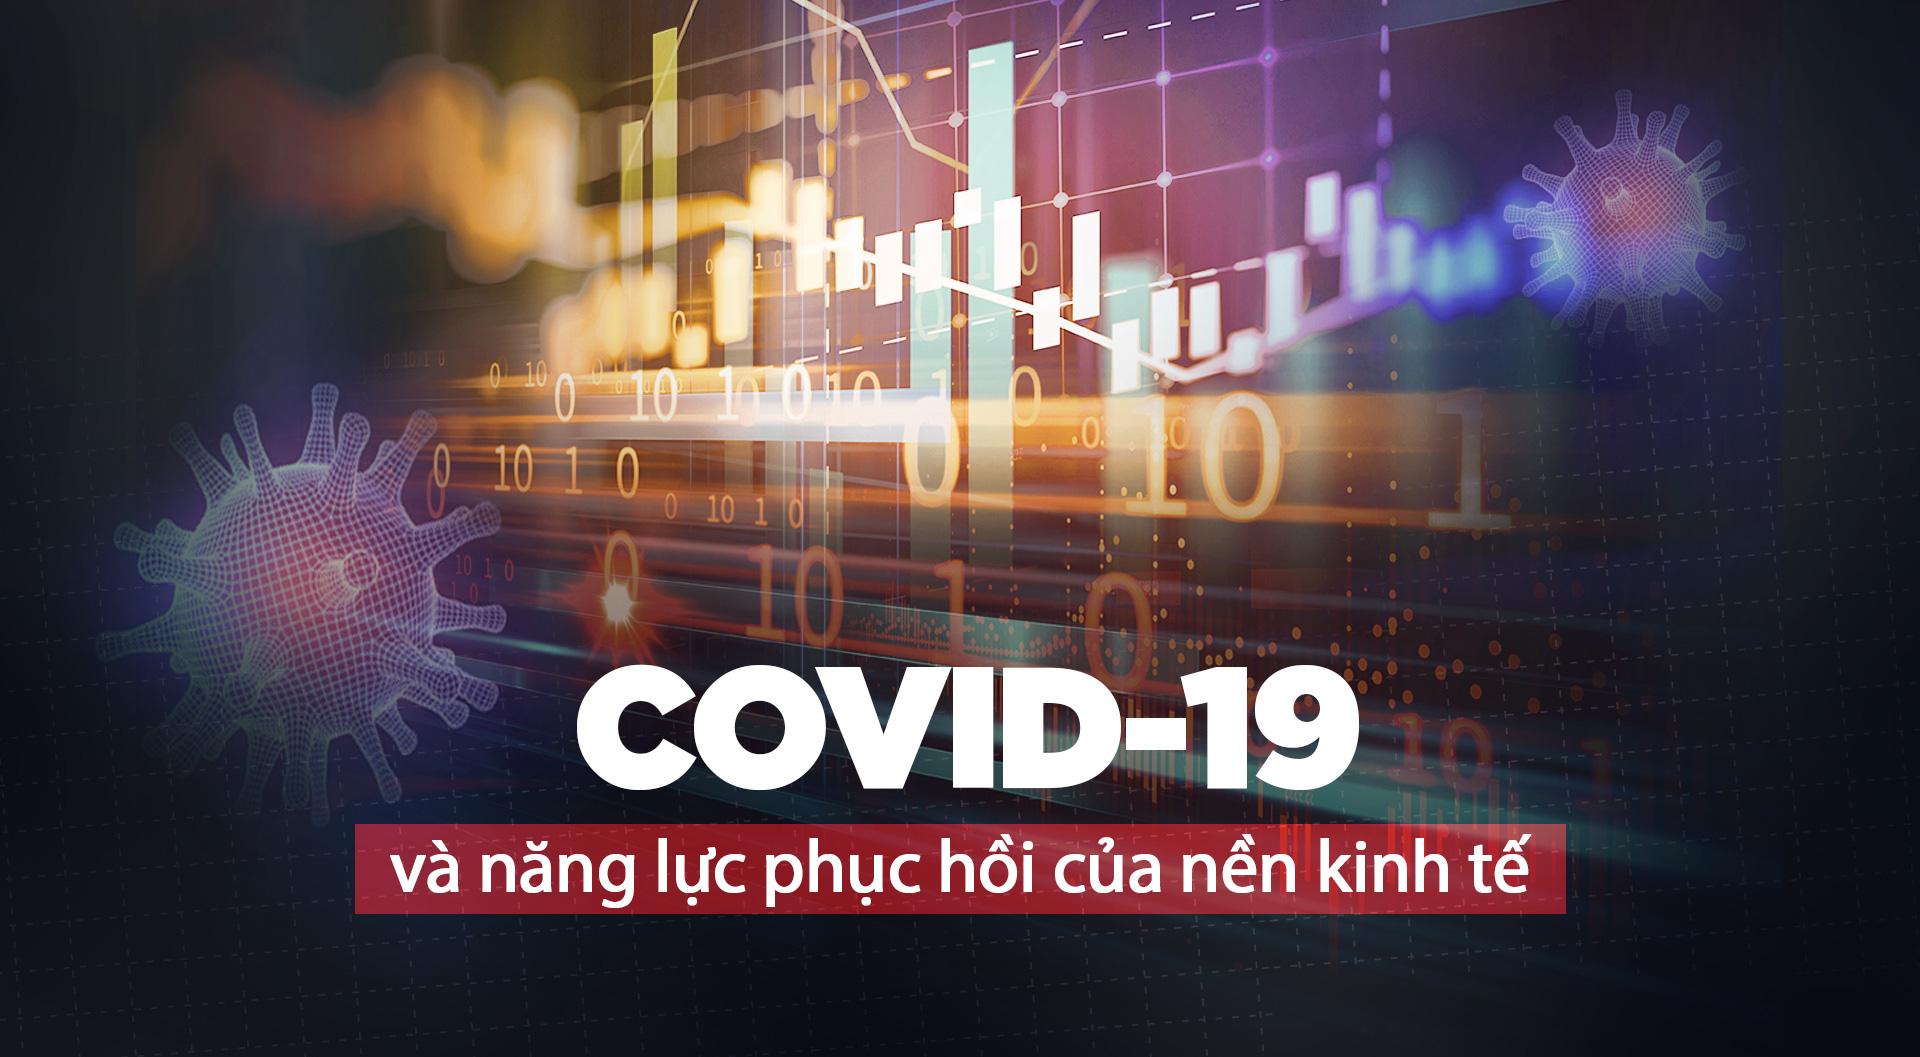 COVID-19 và năng lực phục hồi của nền kinh tế